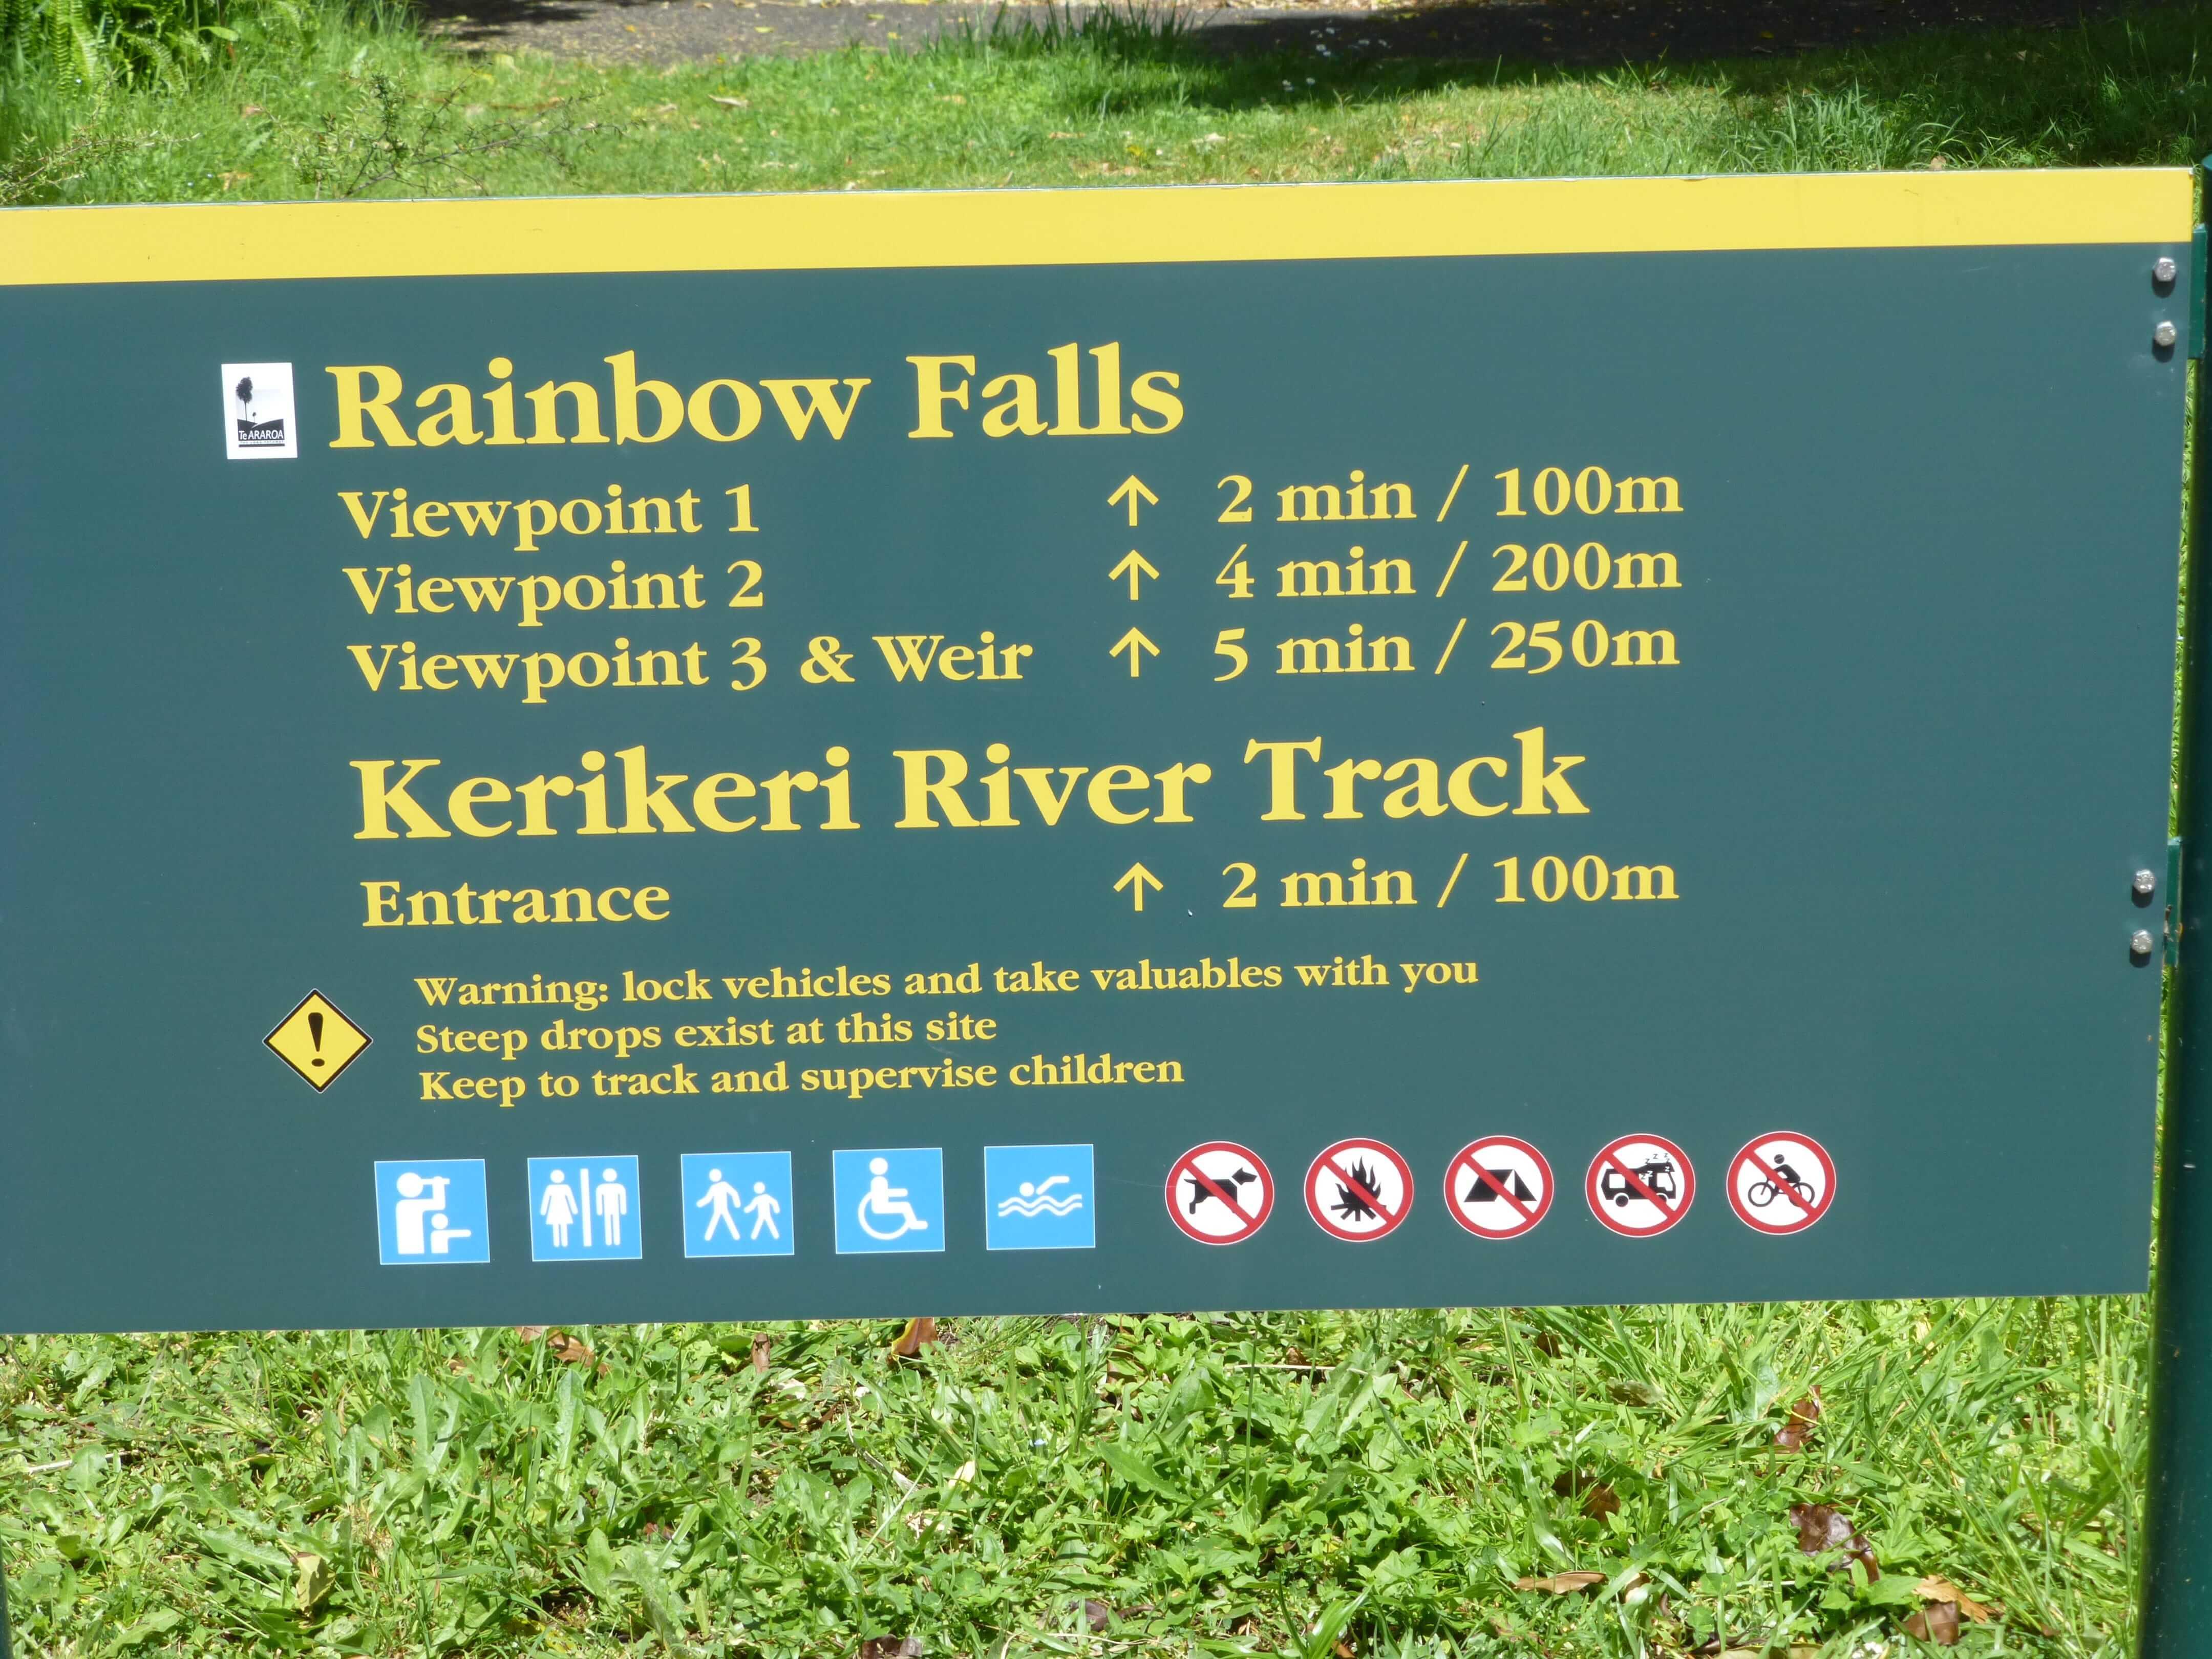 Weit weg Reisen, Rainbow Falls, bei Kerikeri 2